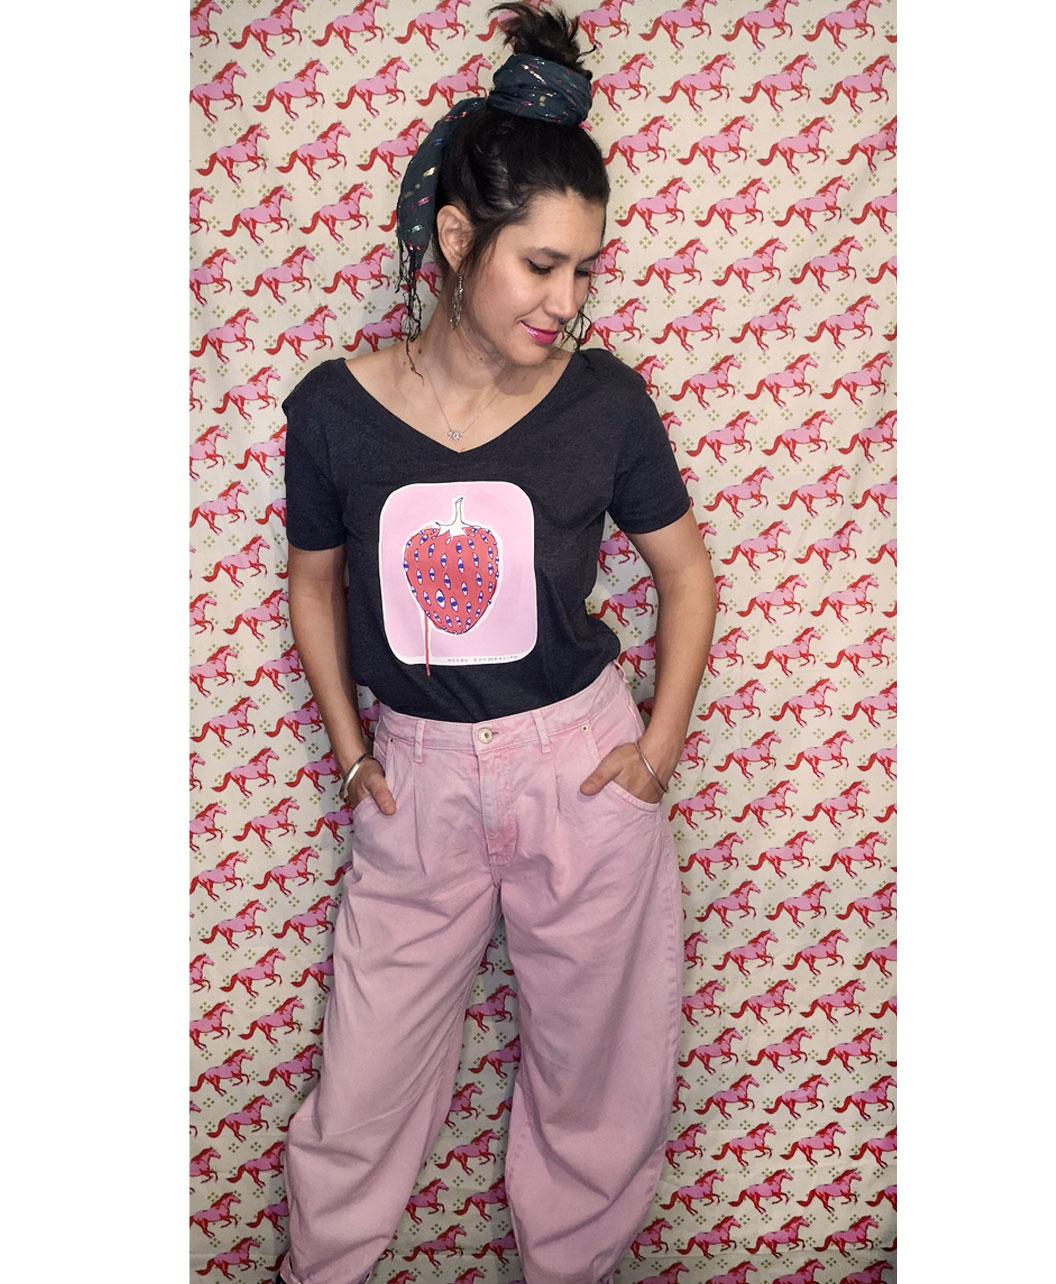 camiseta cuello redondo y pico mujer original gris oscuro con ilustraciones diferentes moda alternativa rosa fresa con ojos